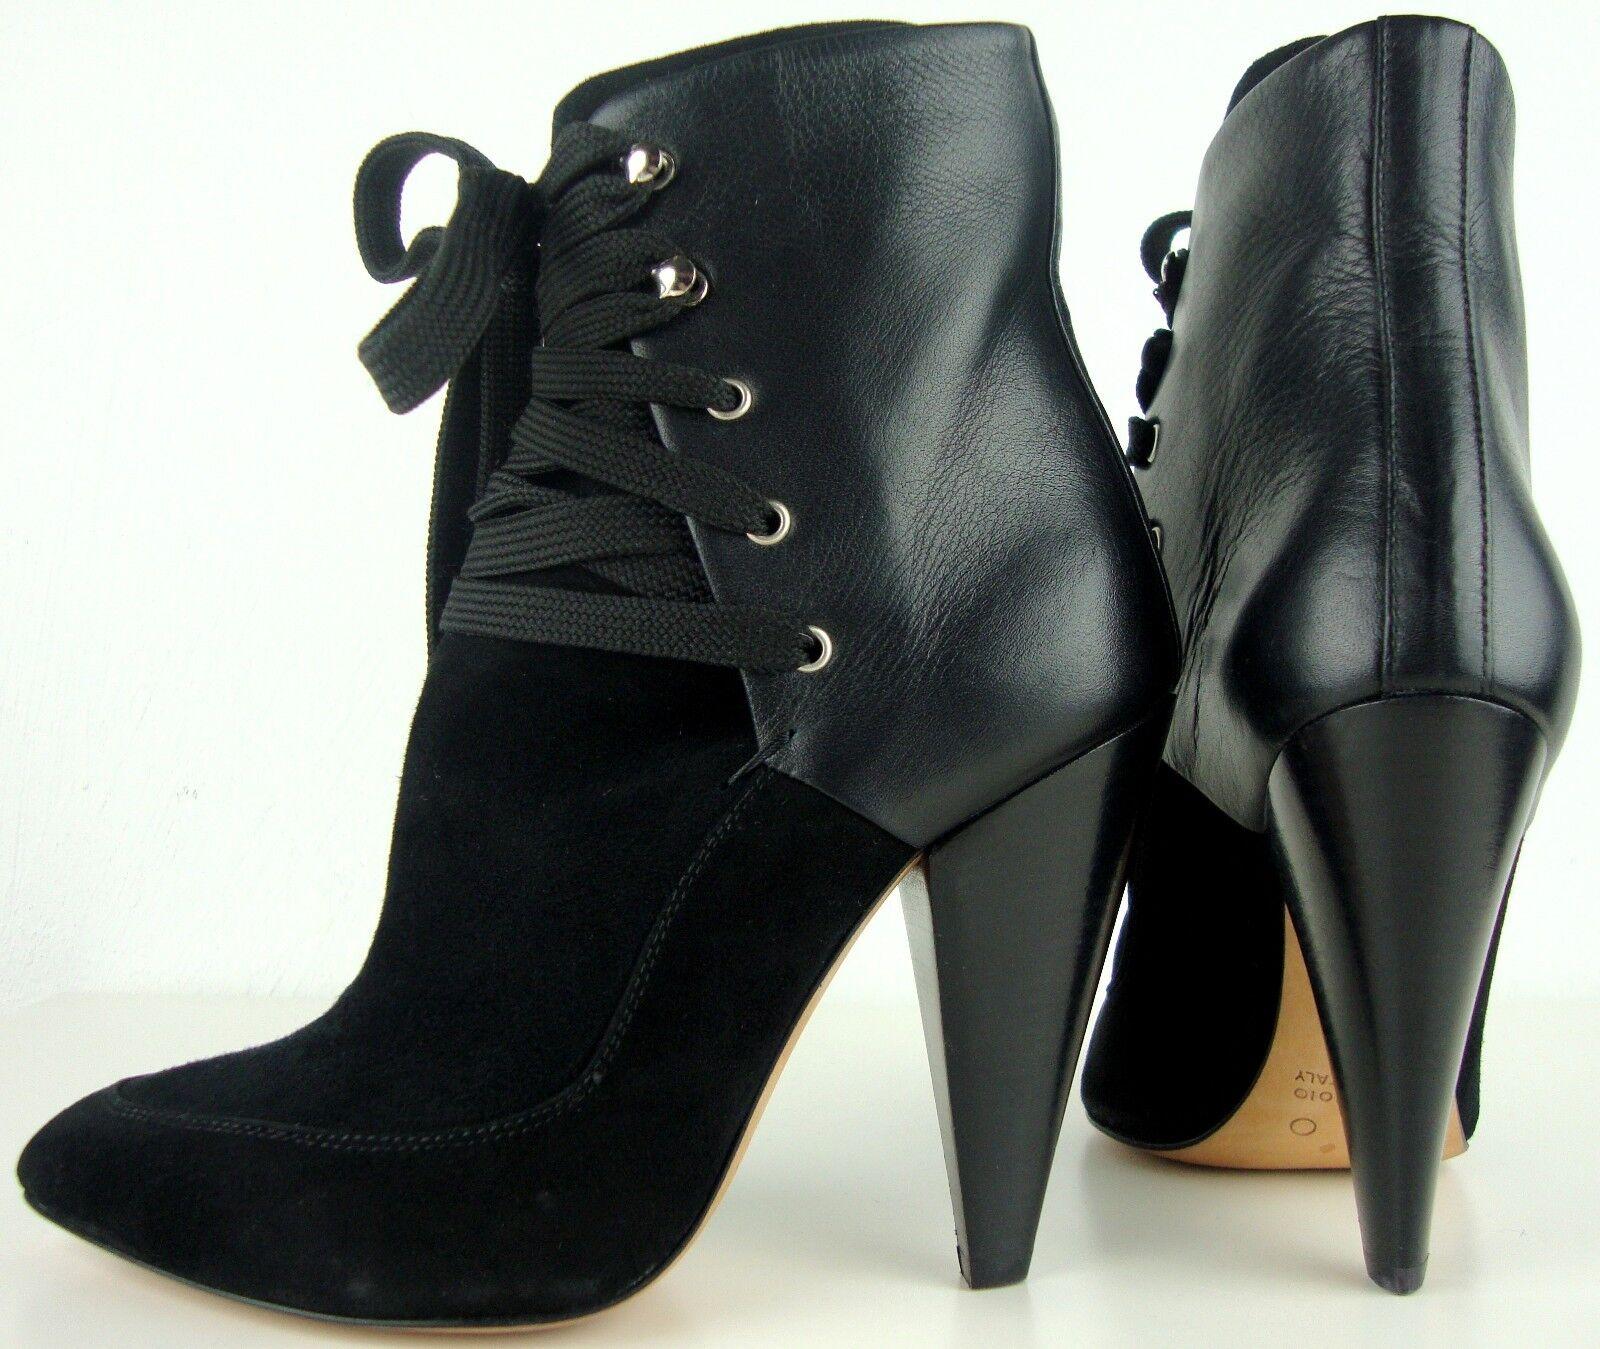 Iro botines de cuero botines zapatos de diseño botas semi Black nuevo